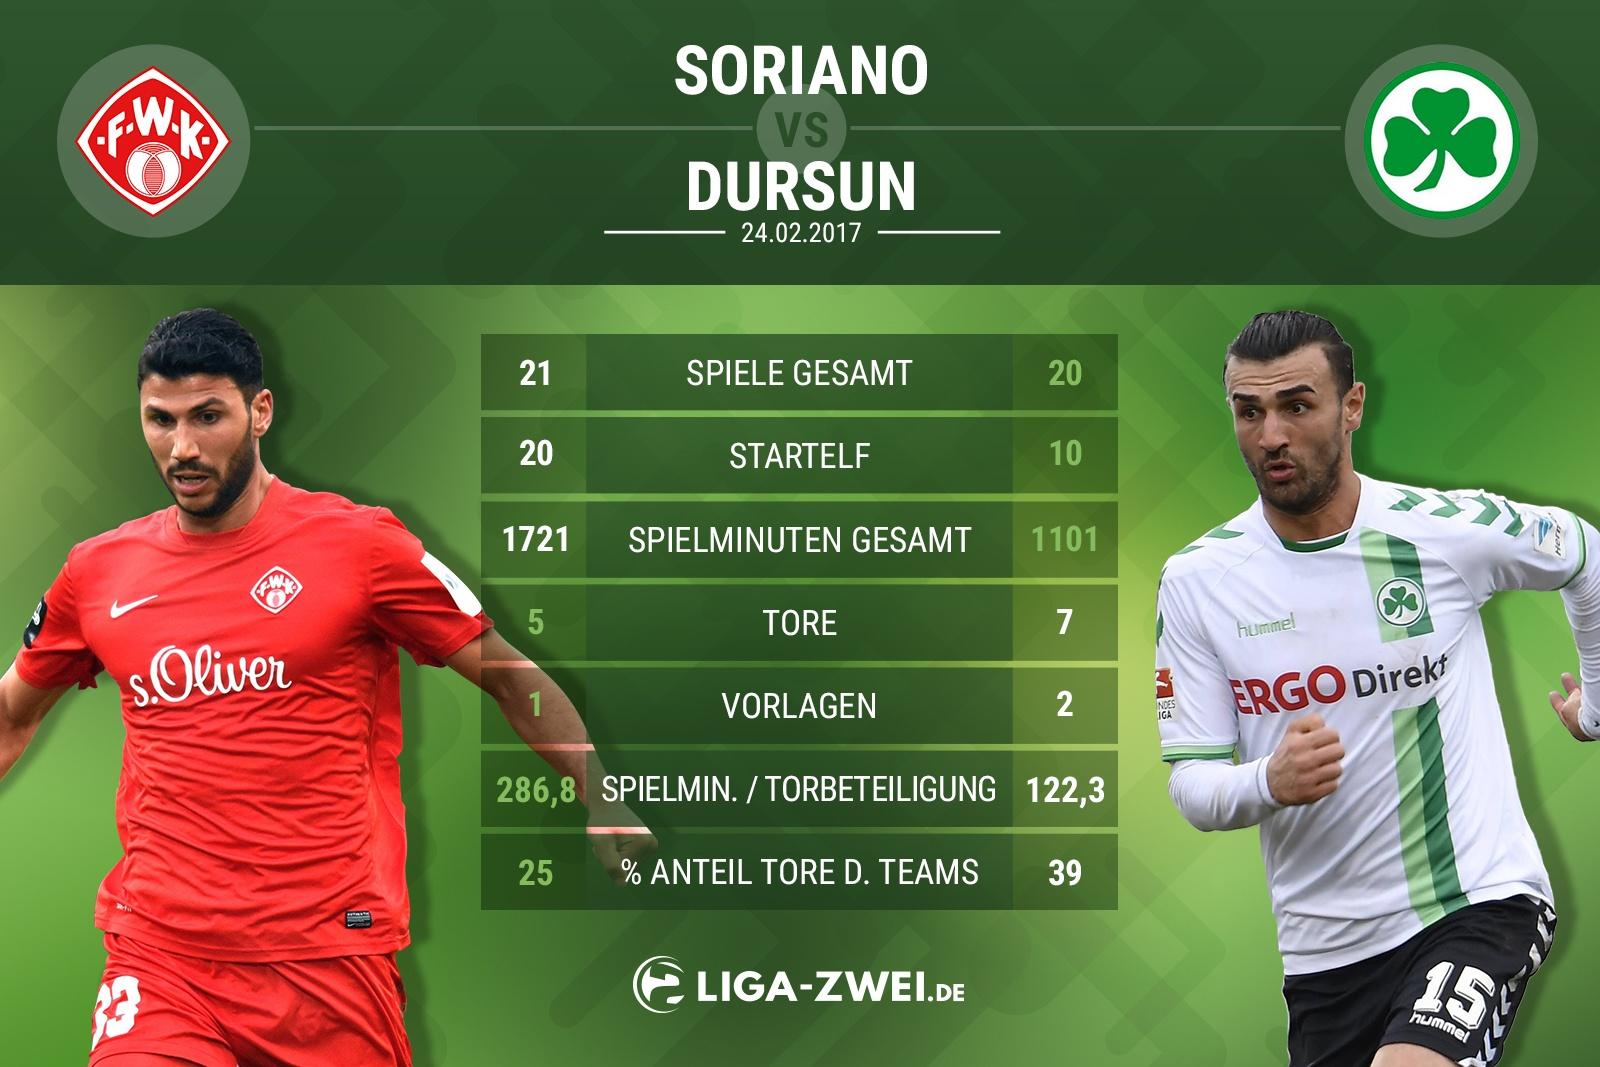 Spieler-Vergleich zwischen Soriano & Dusrun